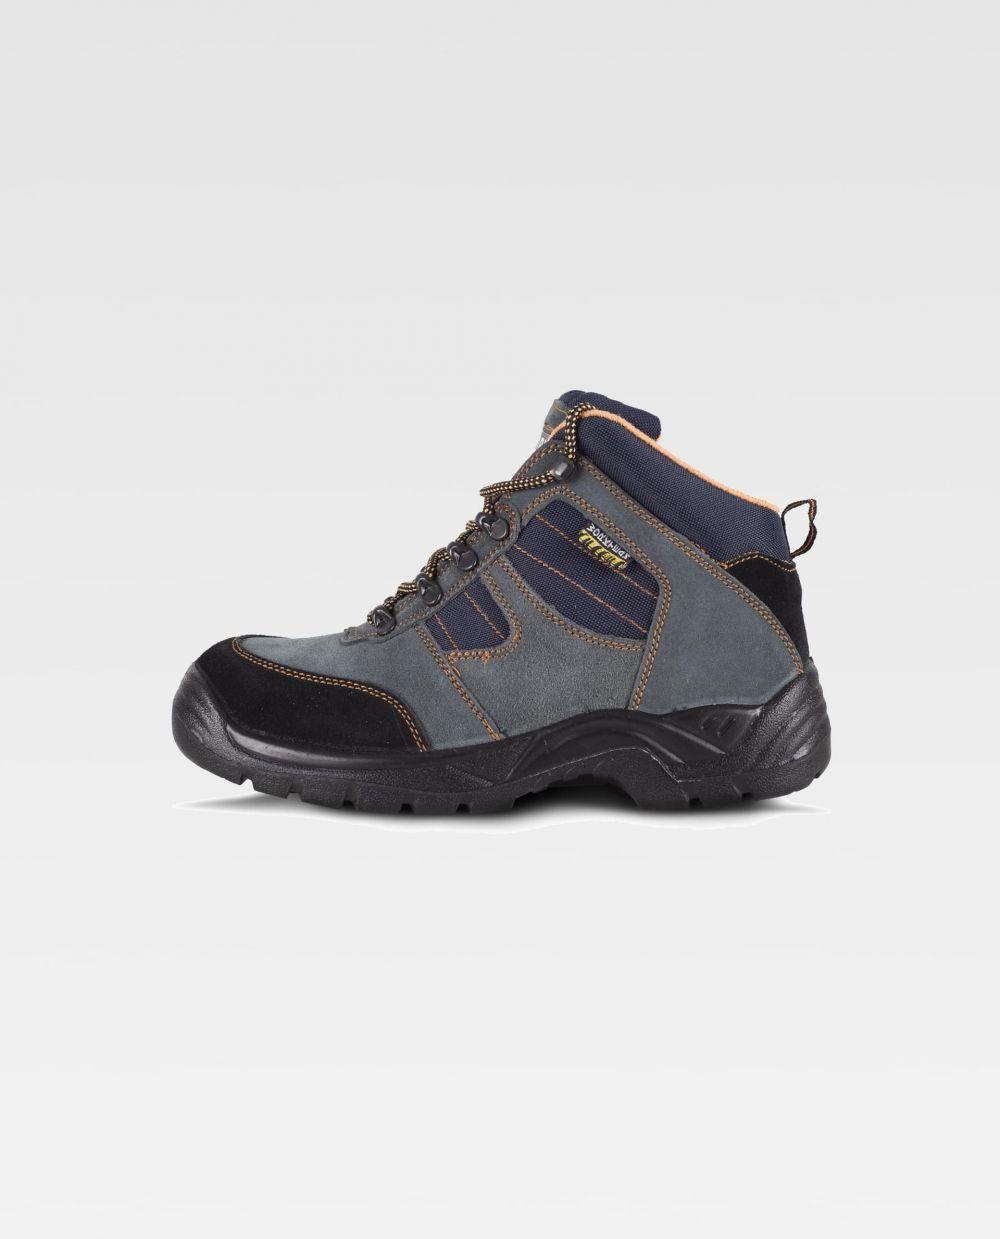 Zapatos de trabajo workteam bota p1101 de piel con impresión vista 1